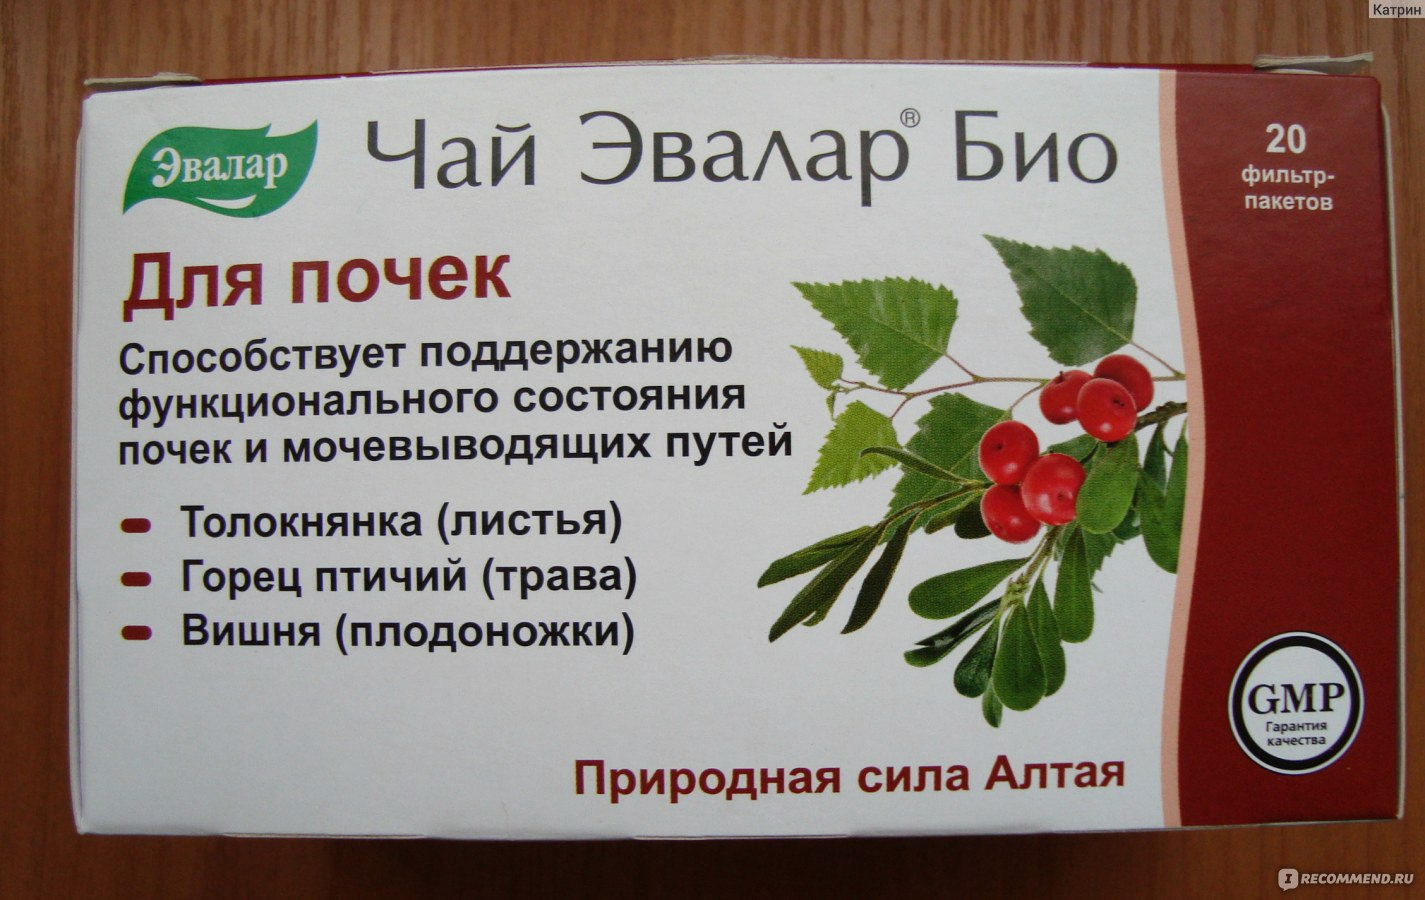 имбирный чай эвалар для похудения